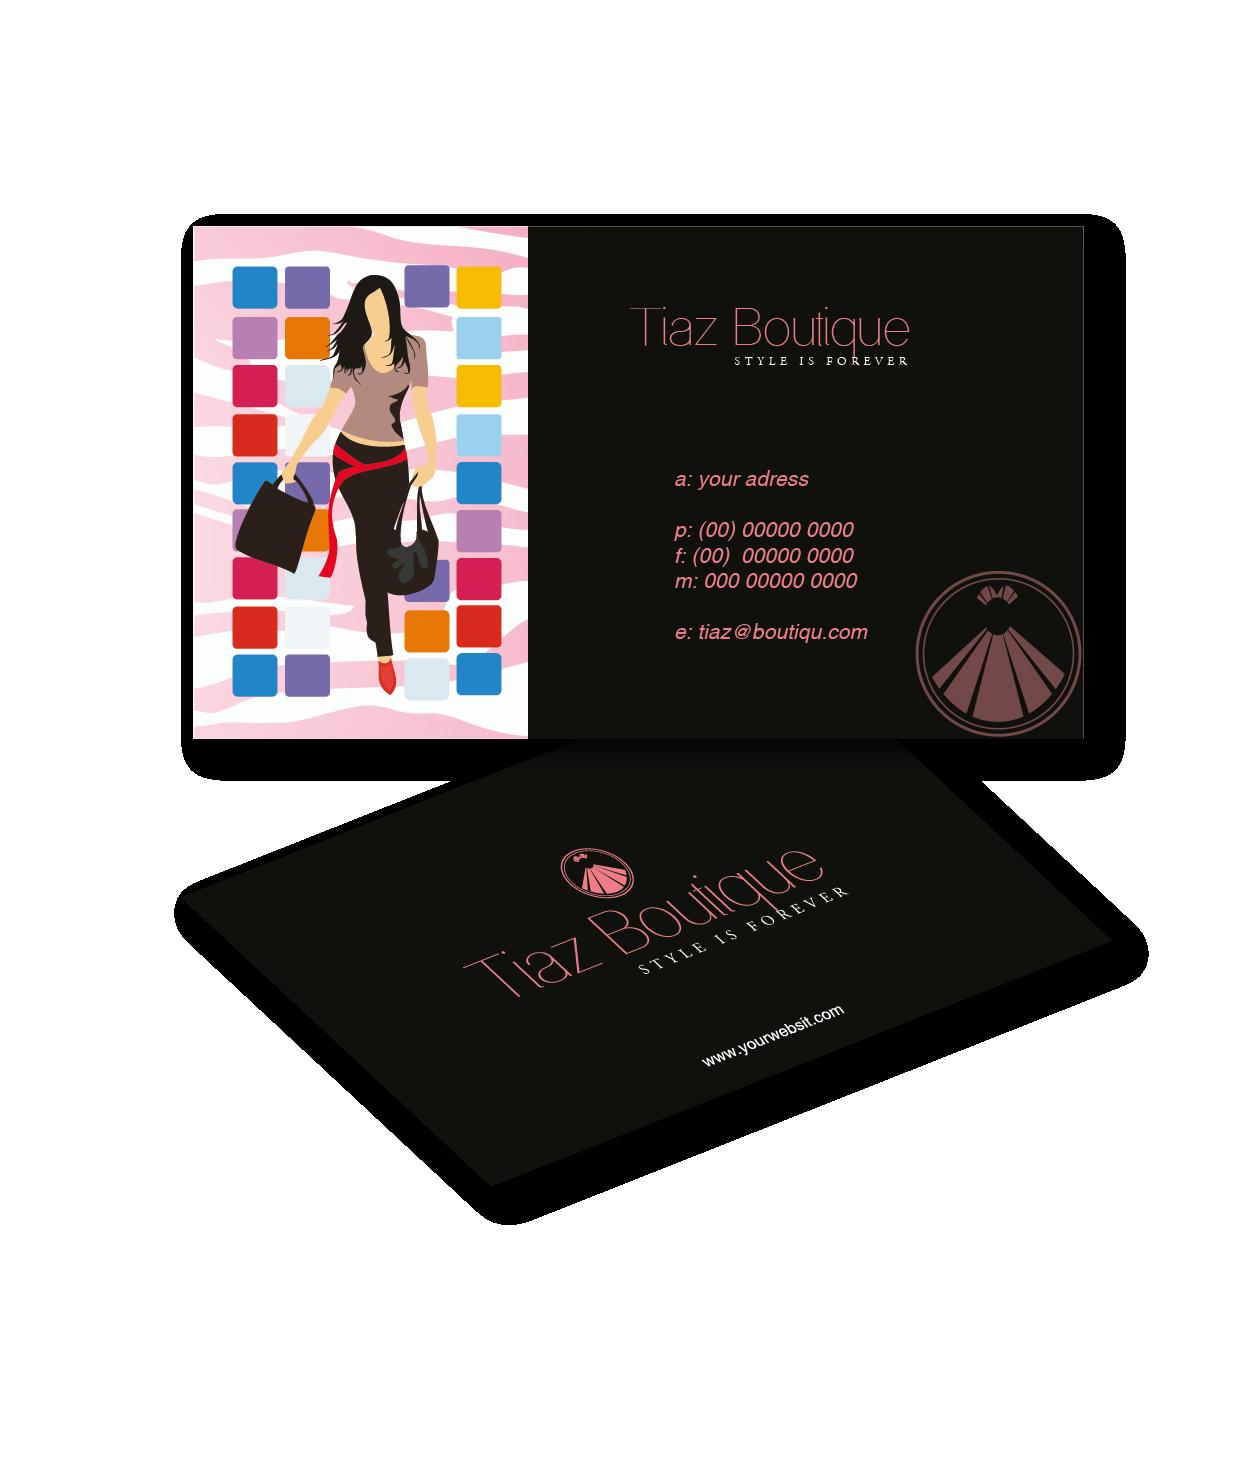 Boutique business card design for tiaz boutique by rk design 3958015 boutique business card design for tiaz boutique in united kingdom design 3958015 reheart Gallery